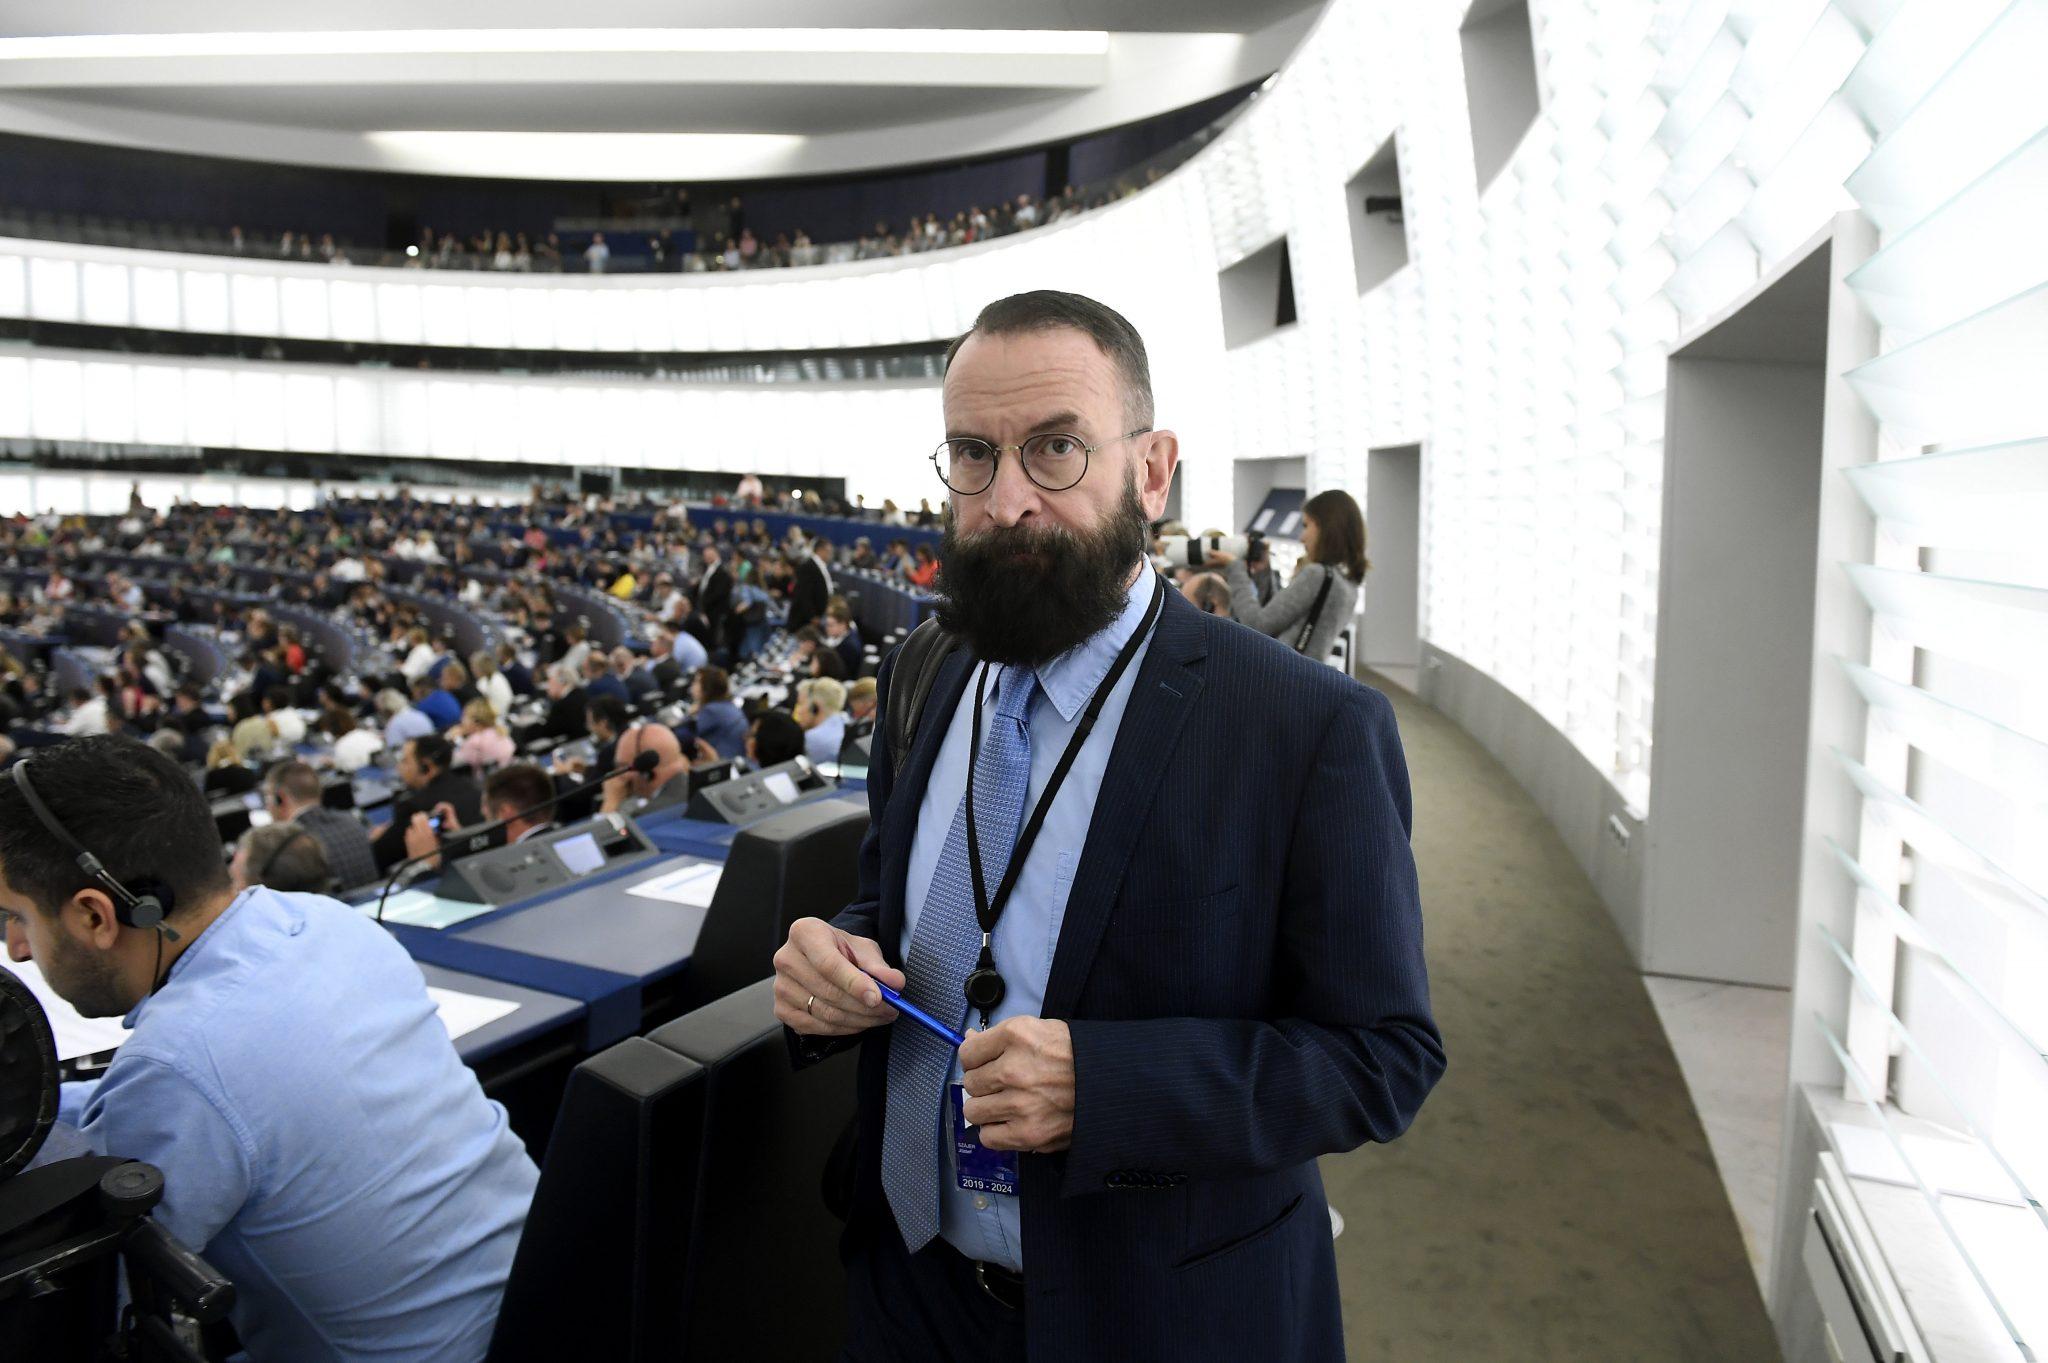 Węgierski polityk, obrońca tradycji, przyłapany nagejowskiej orgii wBrukseli